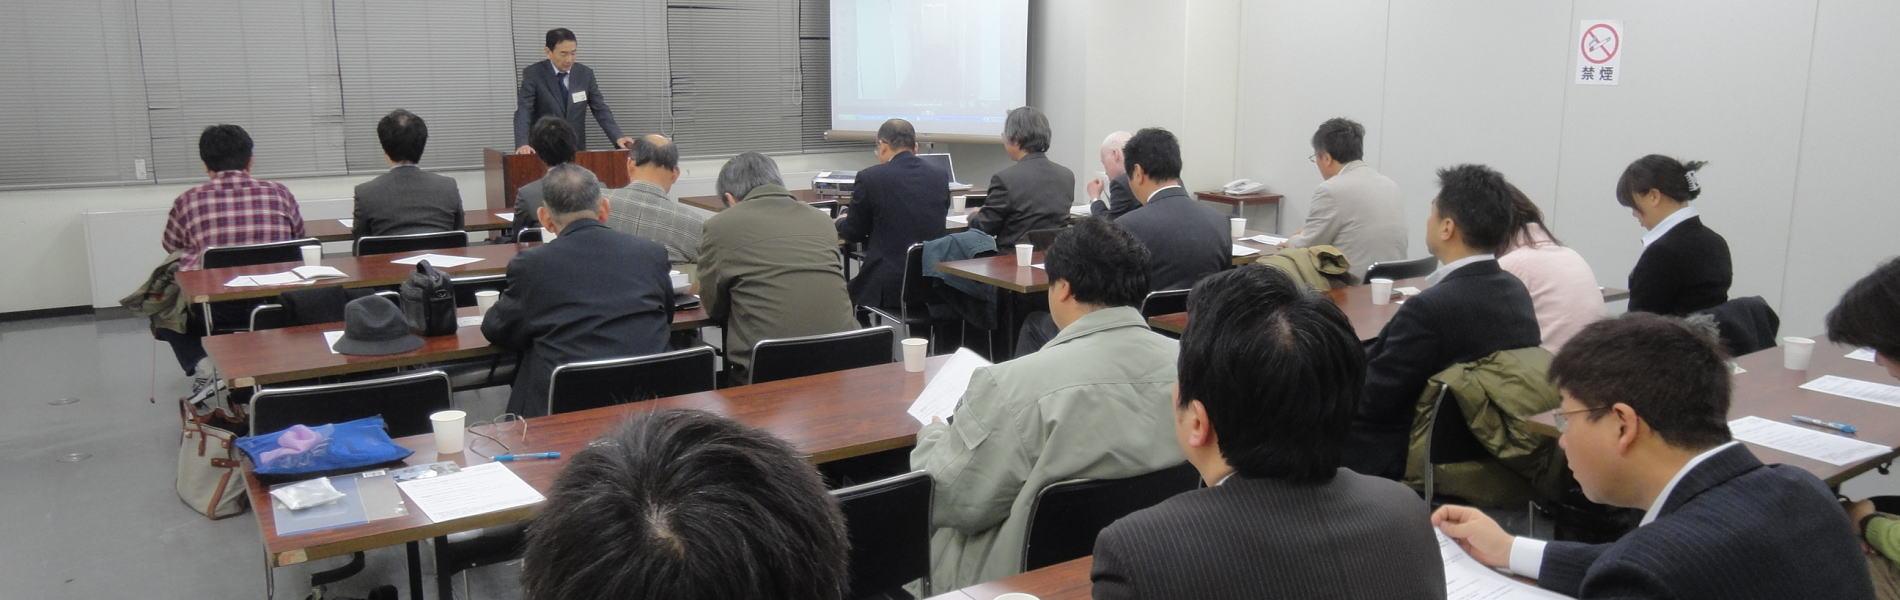 おおや倶楽部は大阪を中心とした大家の会です